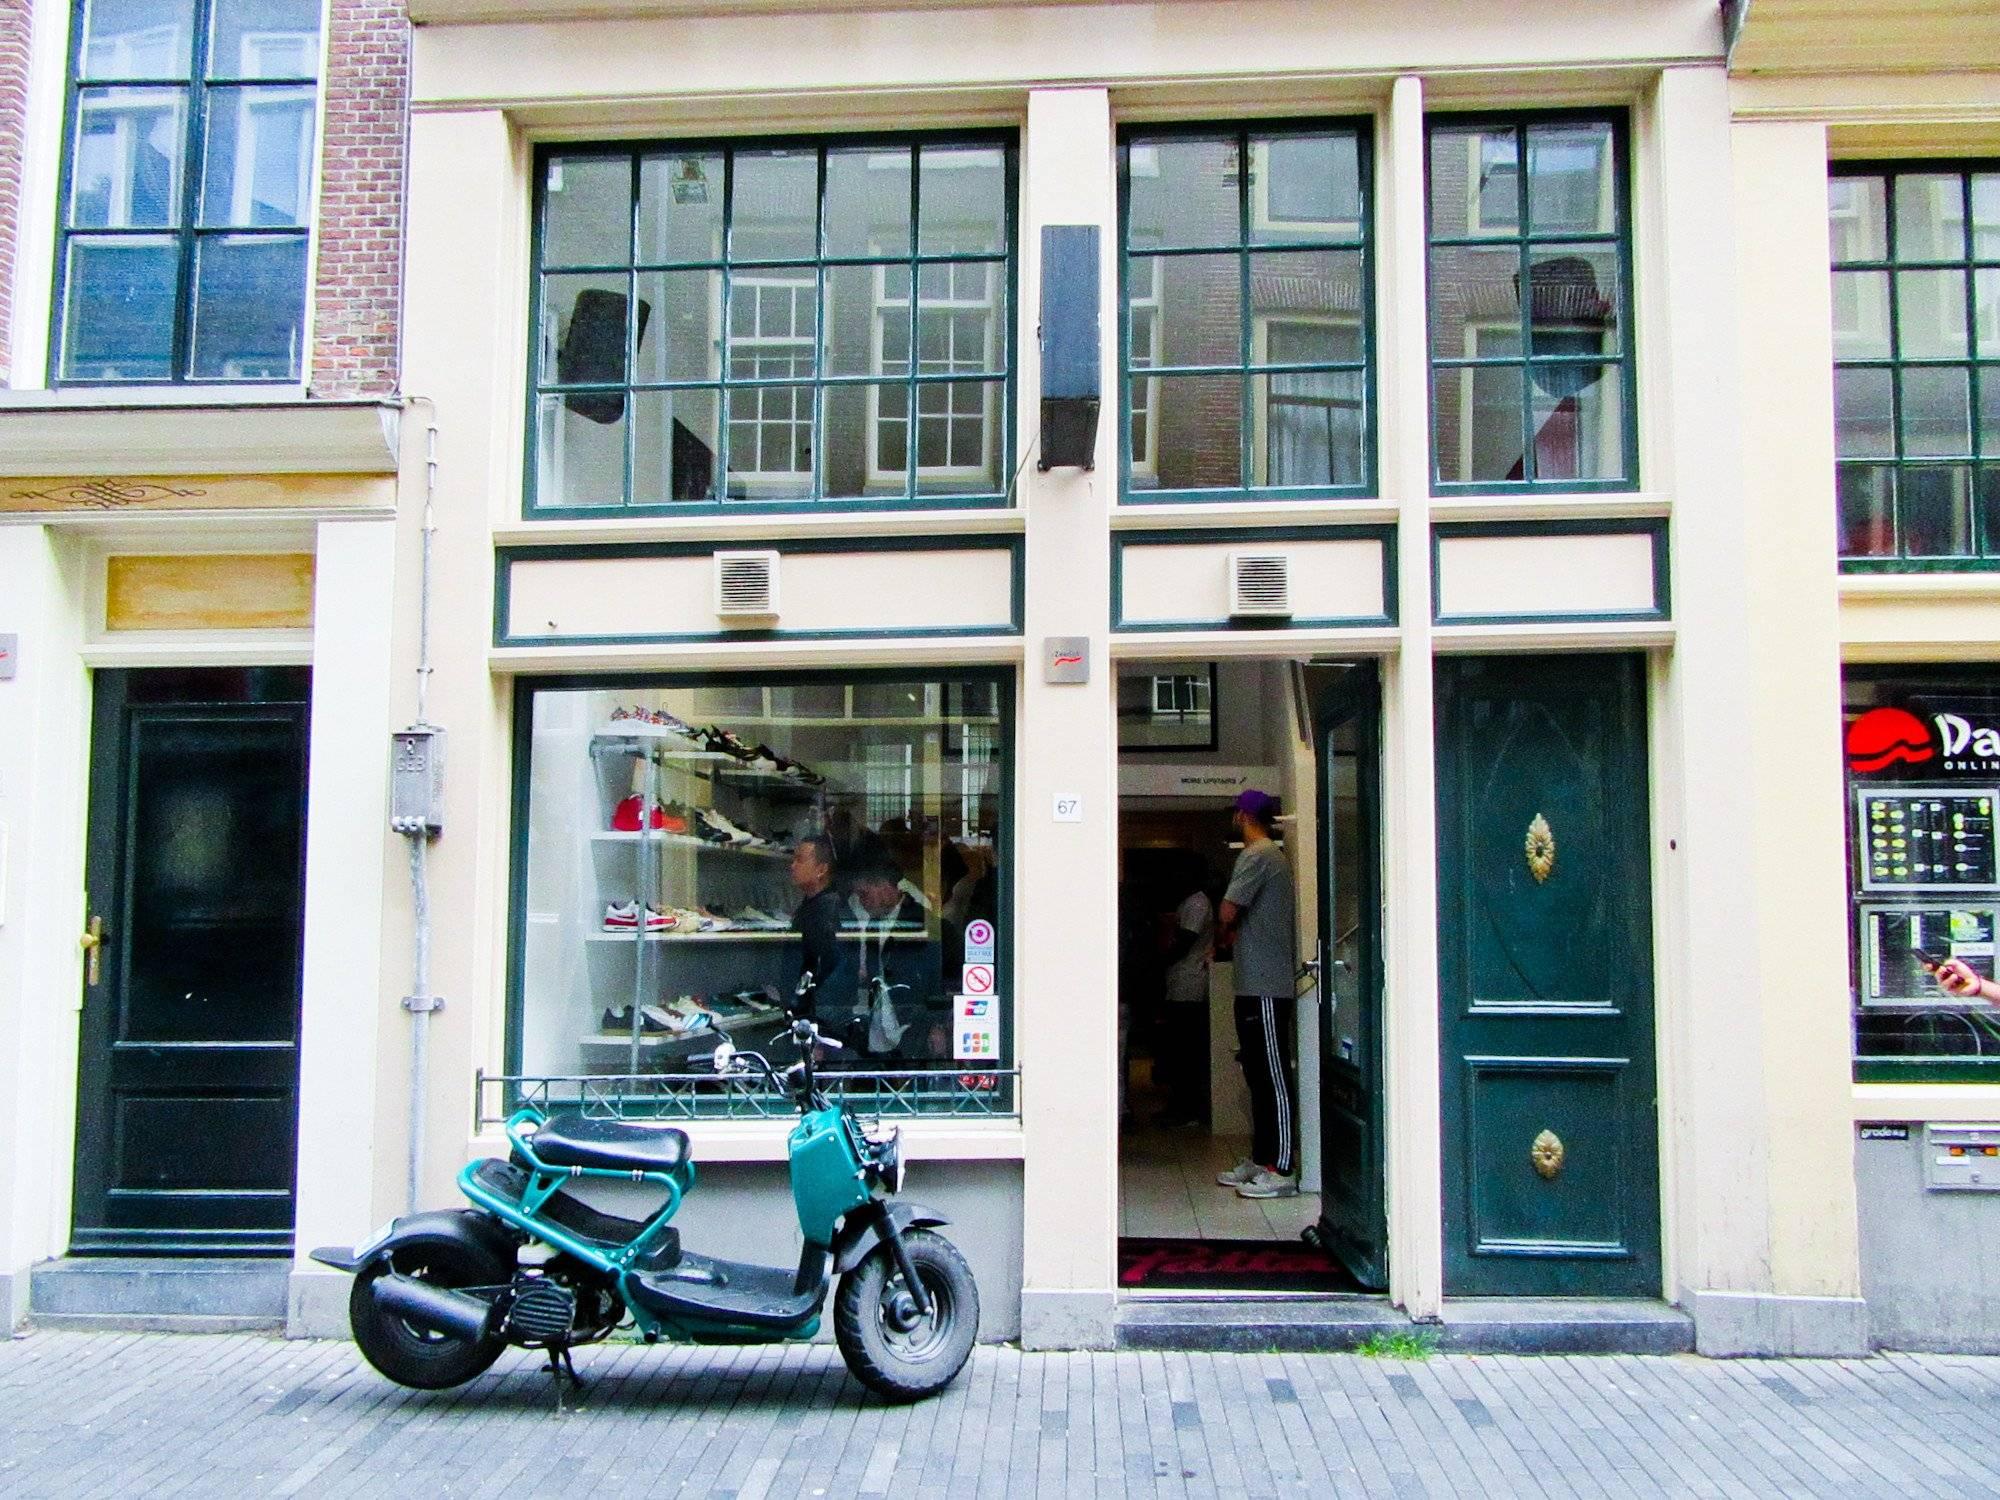 Магазин уличной одежды из Нидерландов - Patta